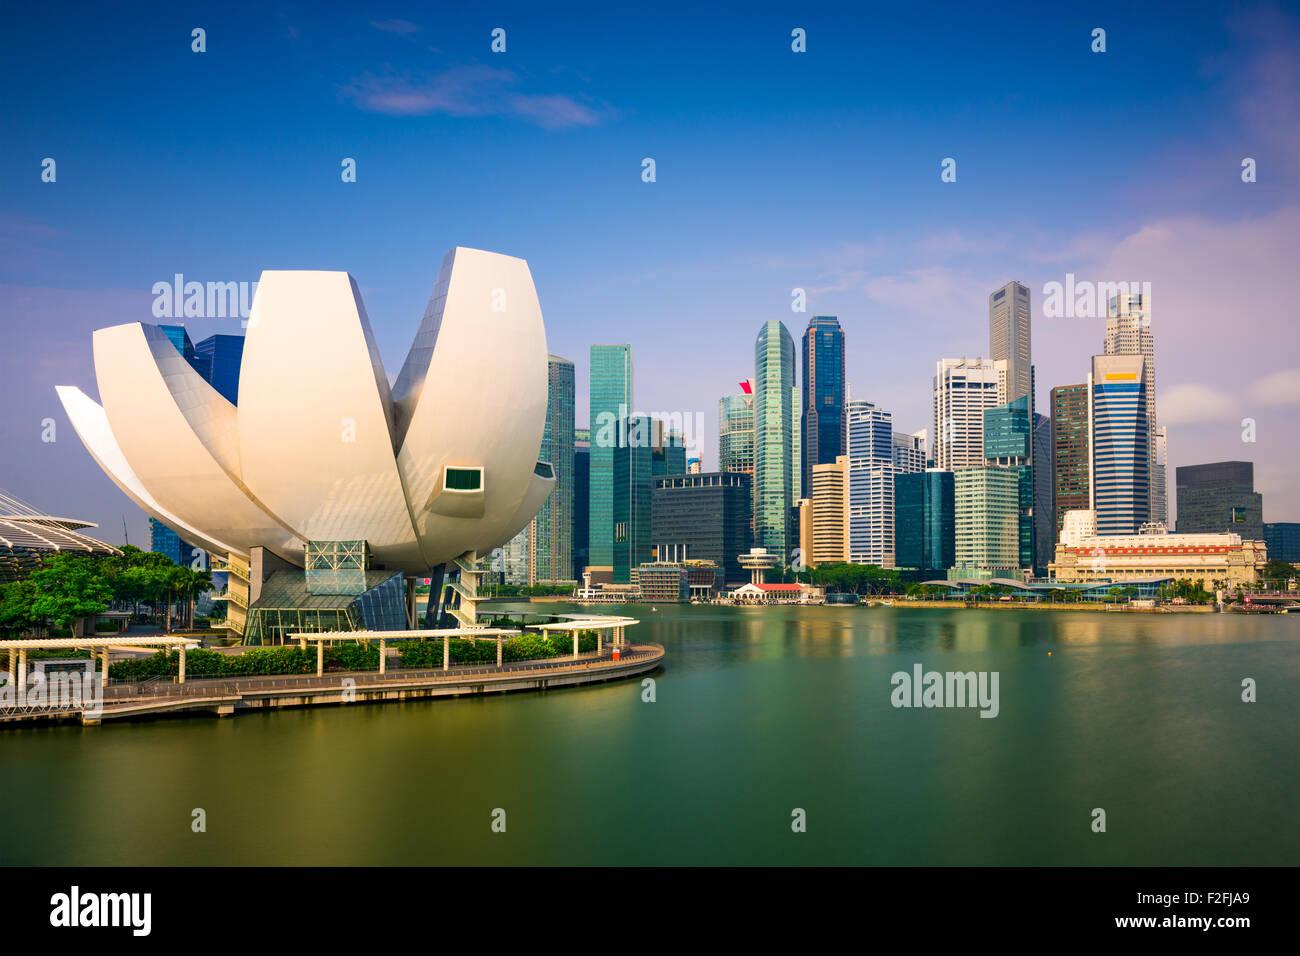 Lo skyline di Singapore presso il Marina Bay. Immagini Stock